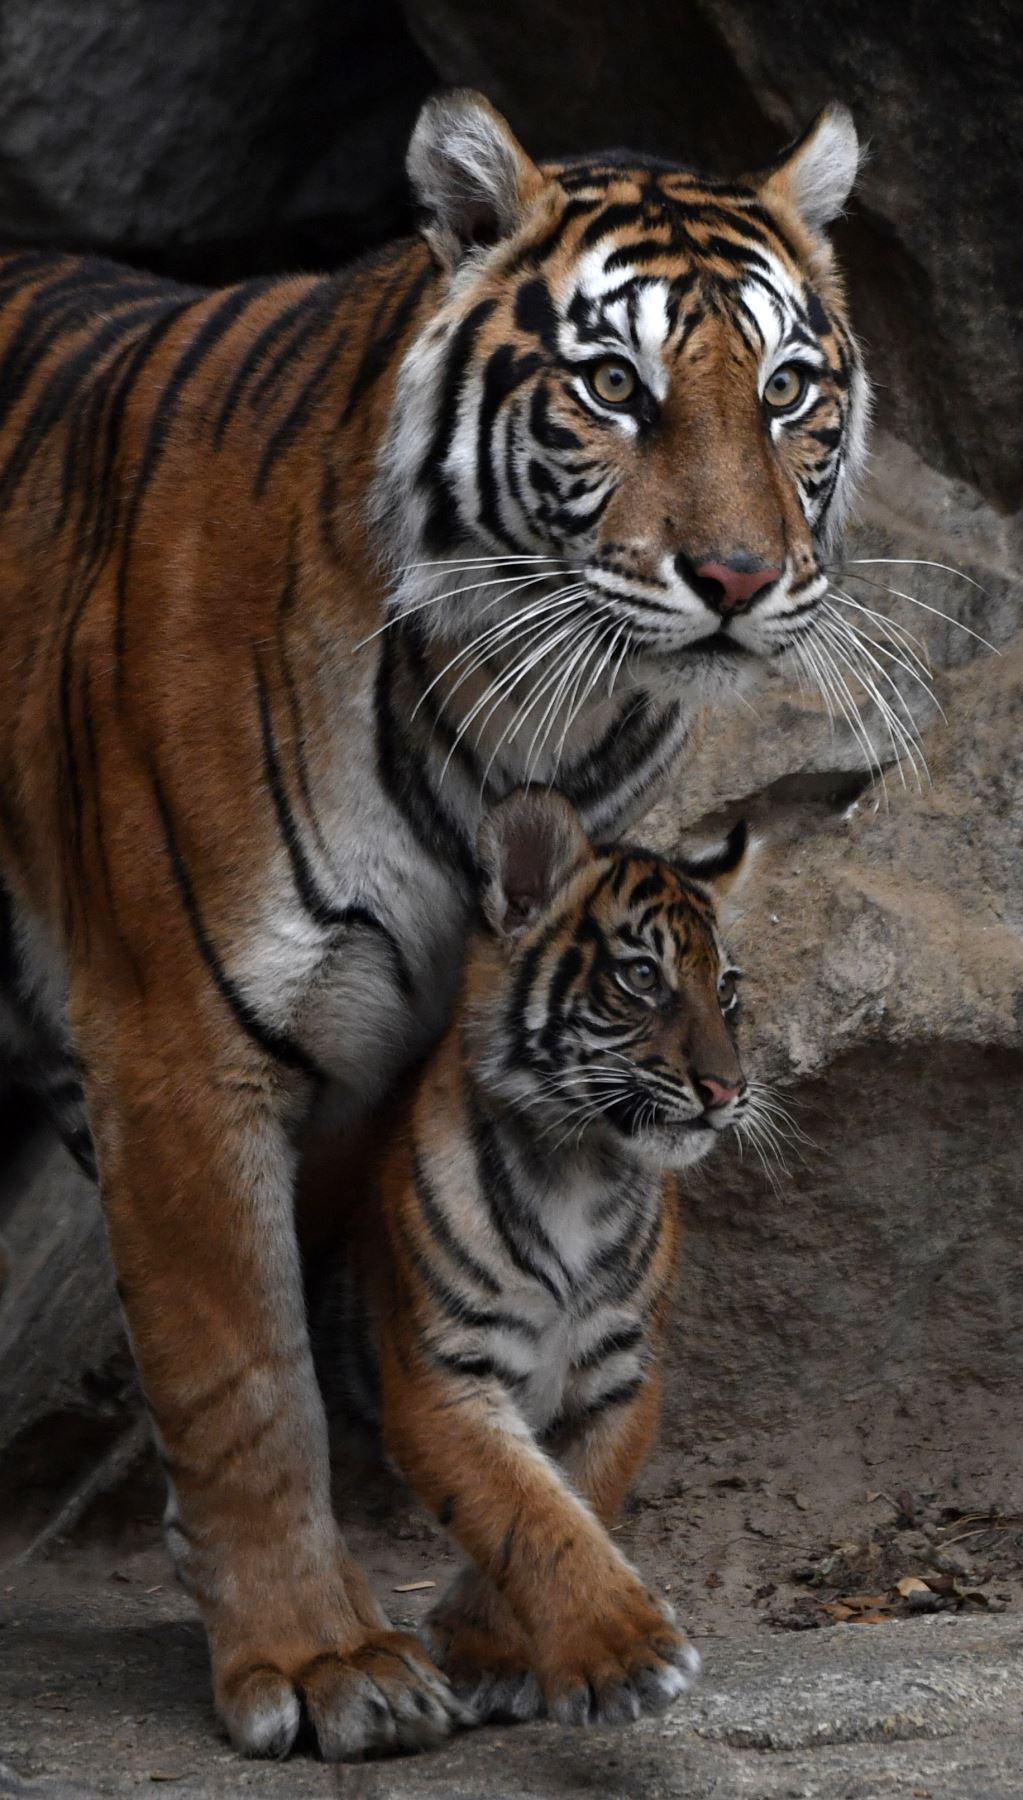 Una de las cuatro crías de tigre de Sumatra hembra Mayang aparece en su recinto en el zoológico Tierpark de Berlín. Mayang dio a luz a cuatro crías, dos machos, dos hembras, llamadas Willi, Oscar, Seri y Kiara. El tigre de Sumatra es una subespecie de tigre rara que habita en la isla indonesia de Sumatra y se clasifica como en peligro crítico con entre 350 y 450 individuos restantes. AFP